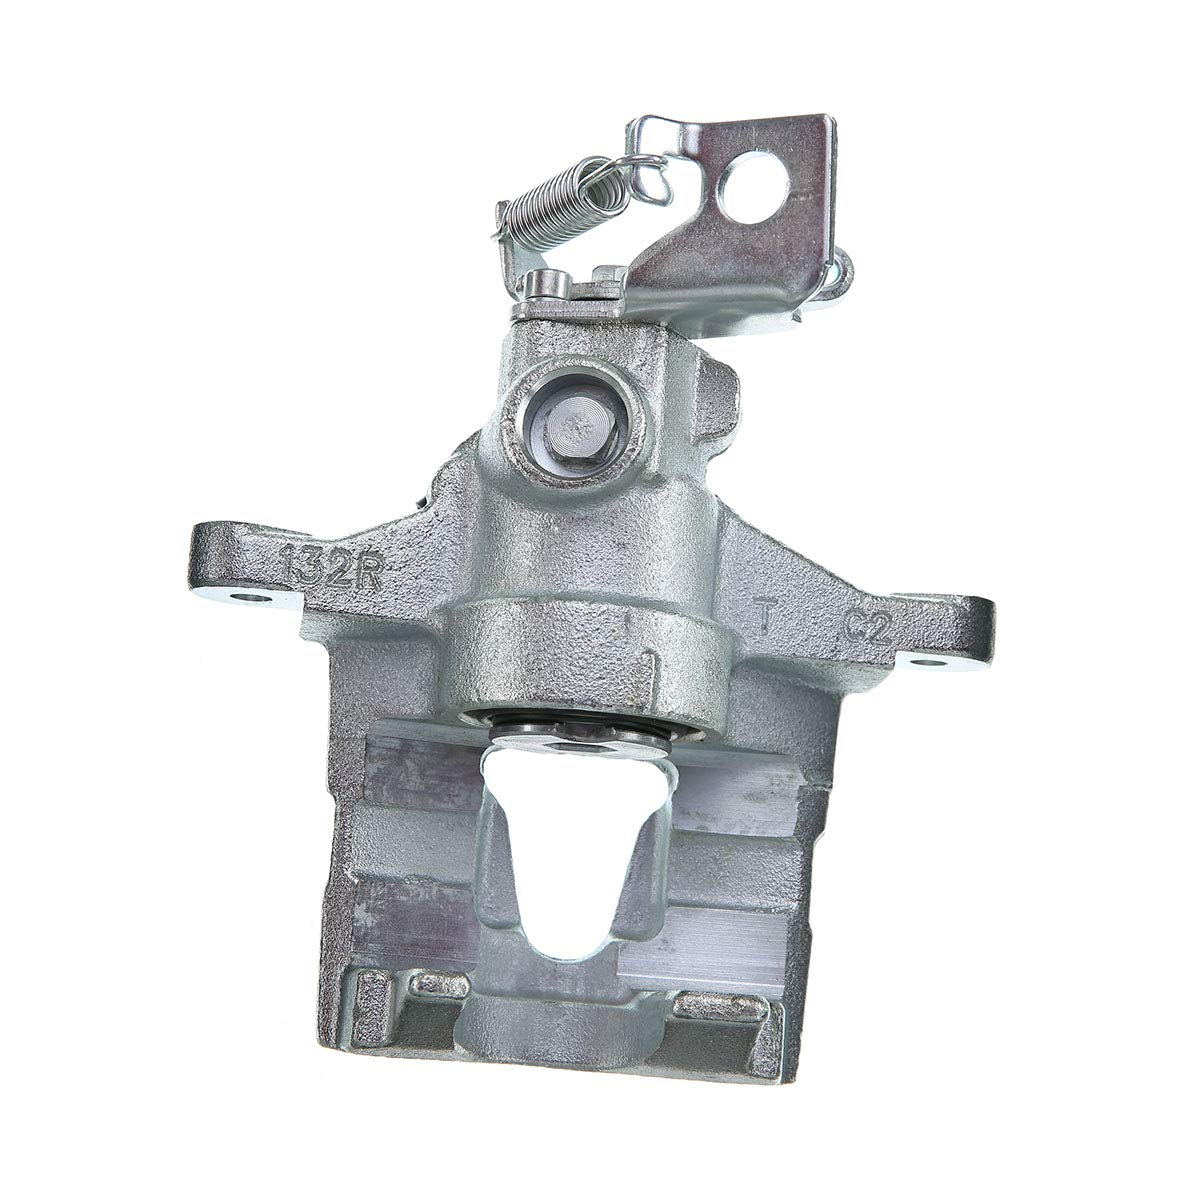 Pinza freno posteriore destra per Mondeo 3 B5Y B4Y 2000-2007 1144076